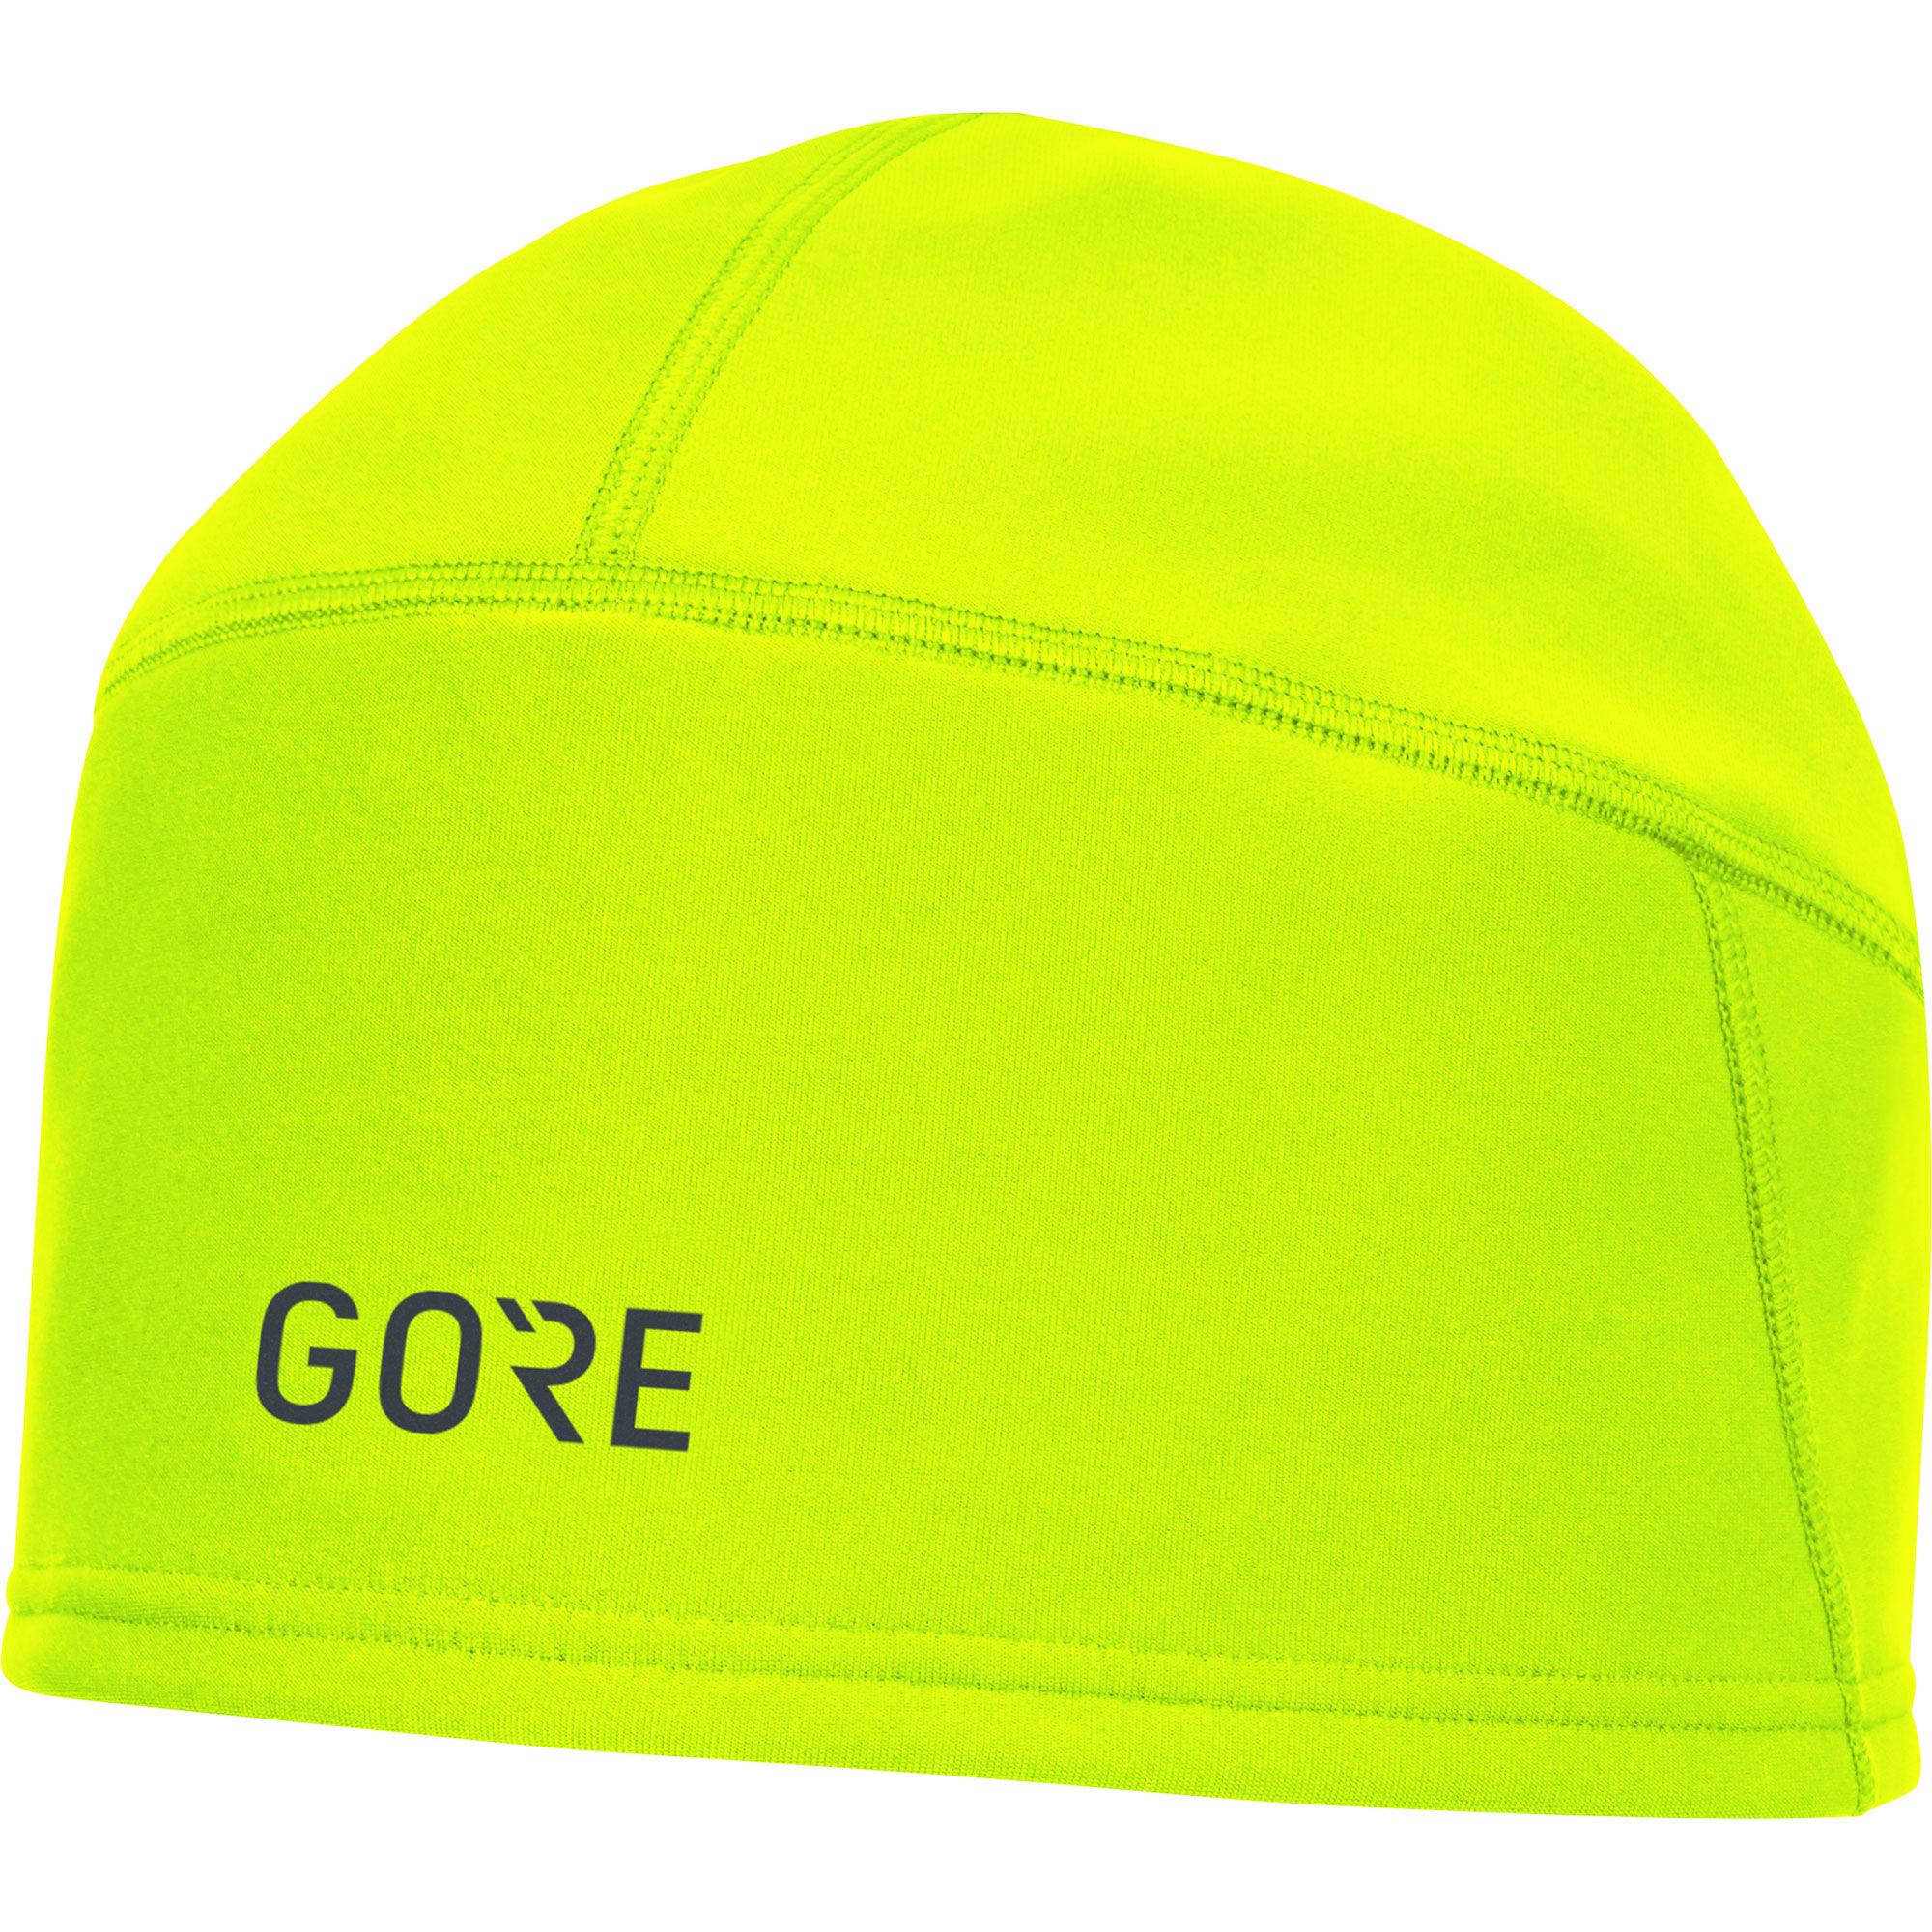 Gore GWS Mütze (Neon Gelb)